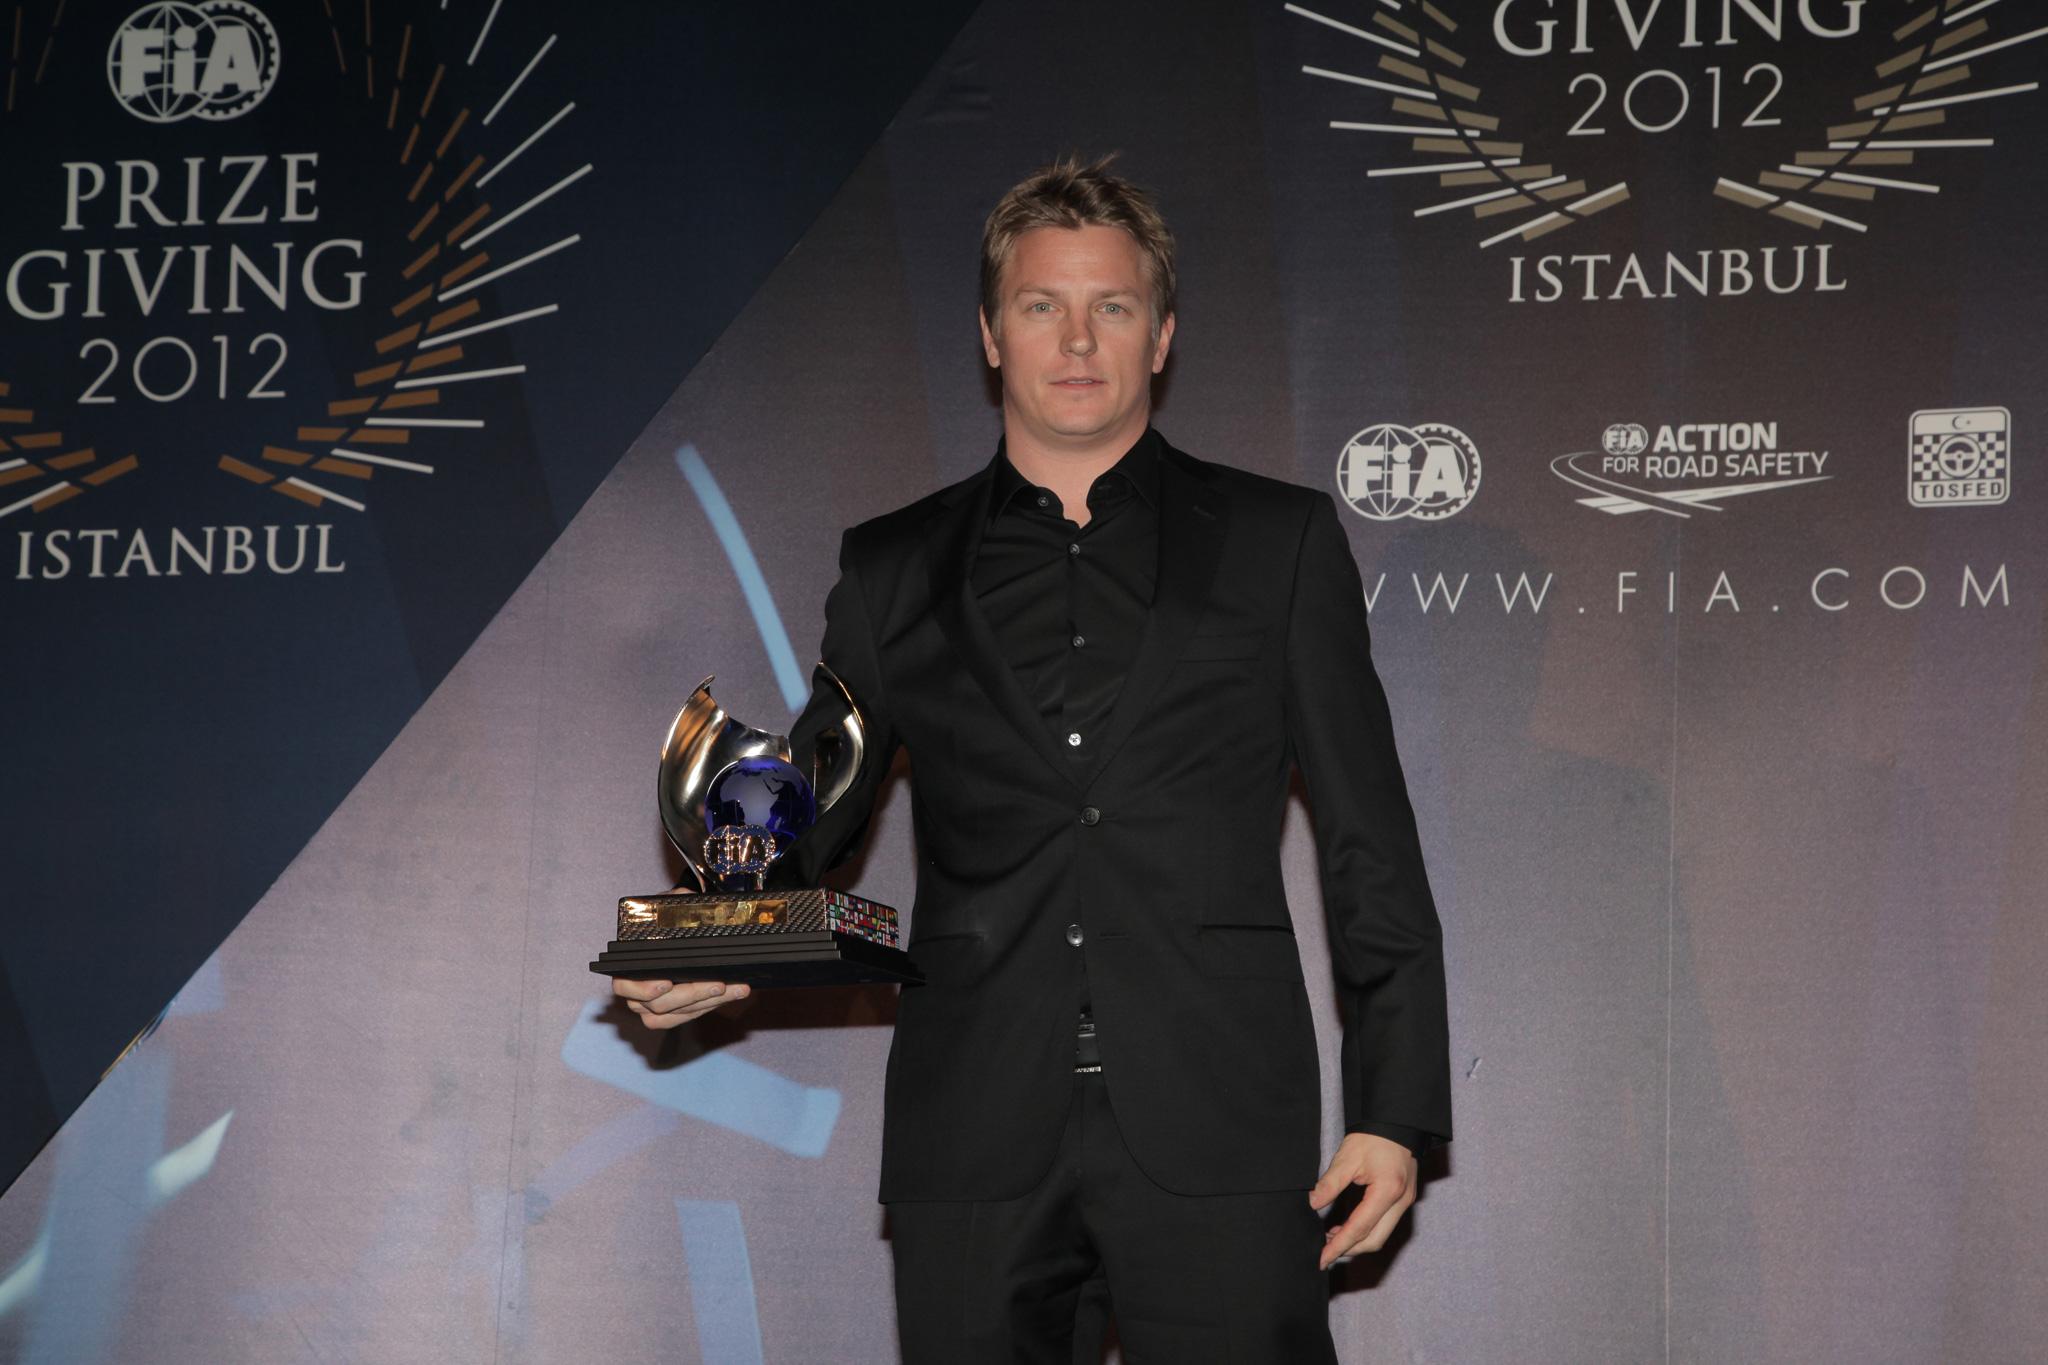 Кими Райкконен на FIA Gala Prize Giving 2012 в Истамбуле